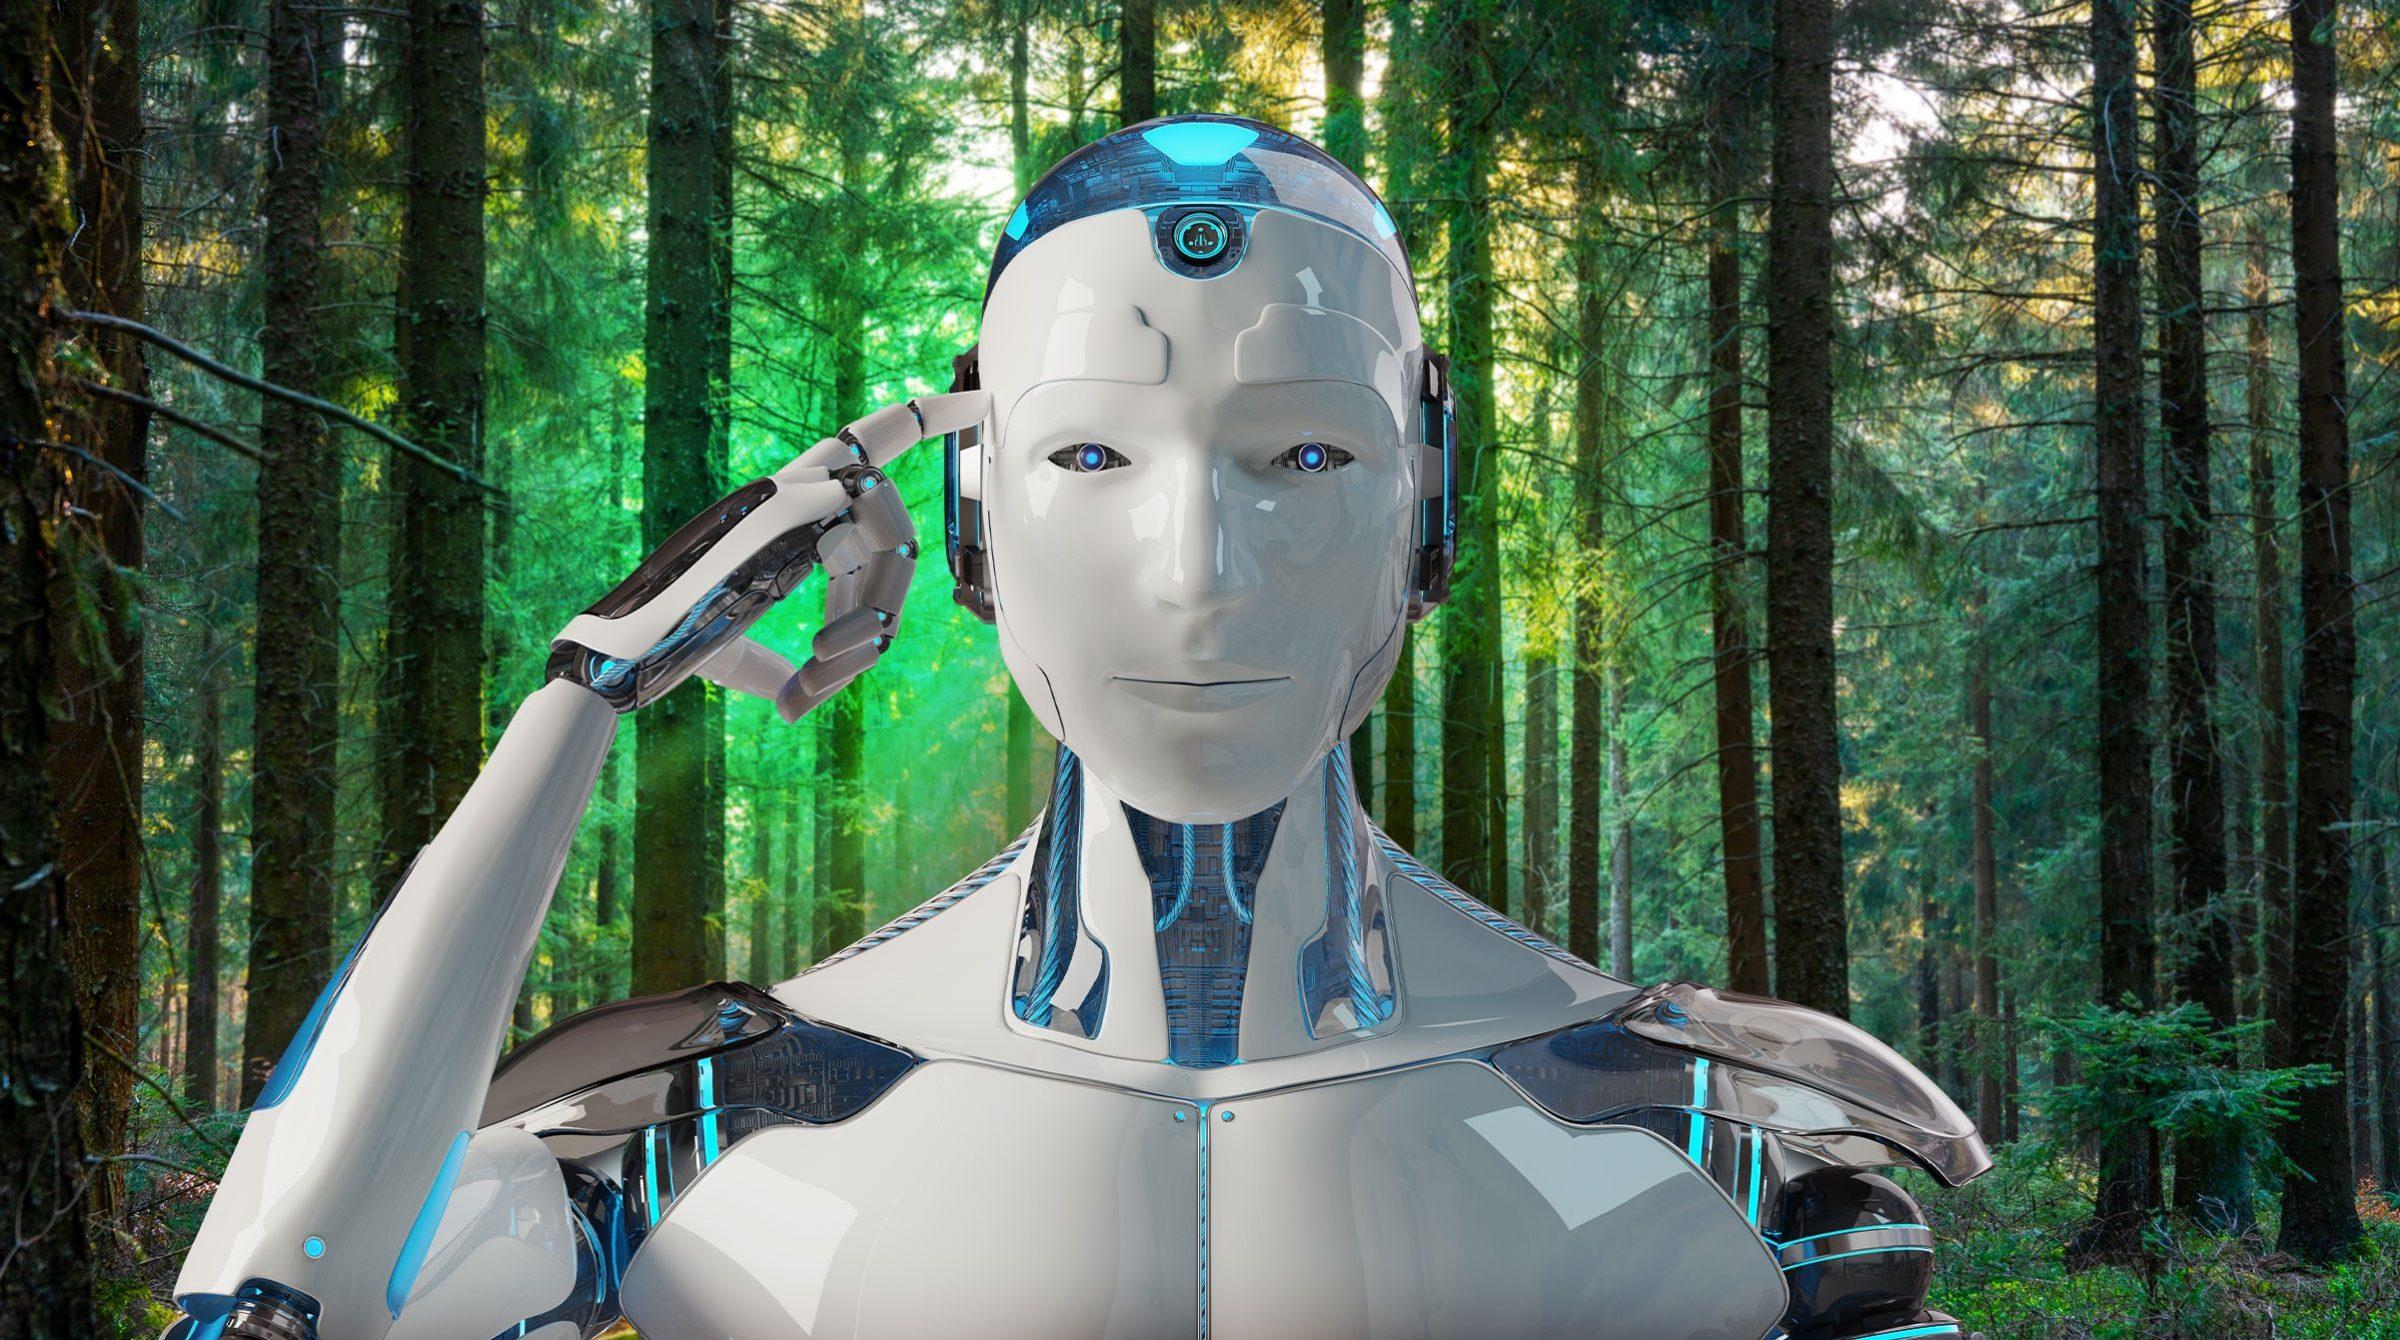 Robot i skog symboliserar AI